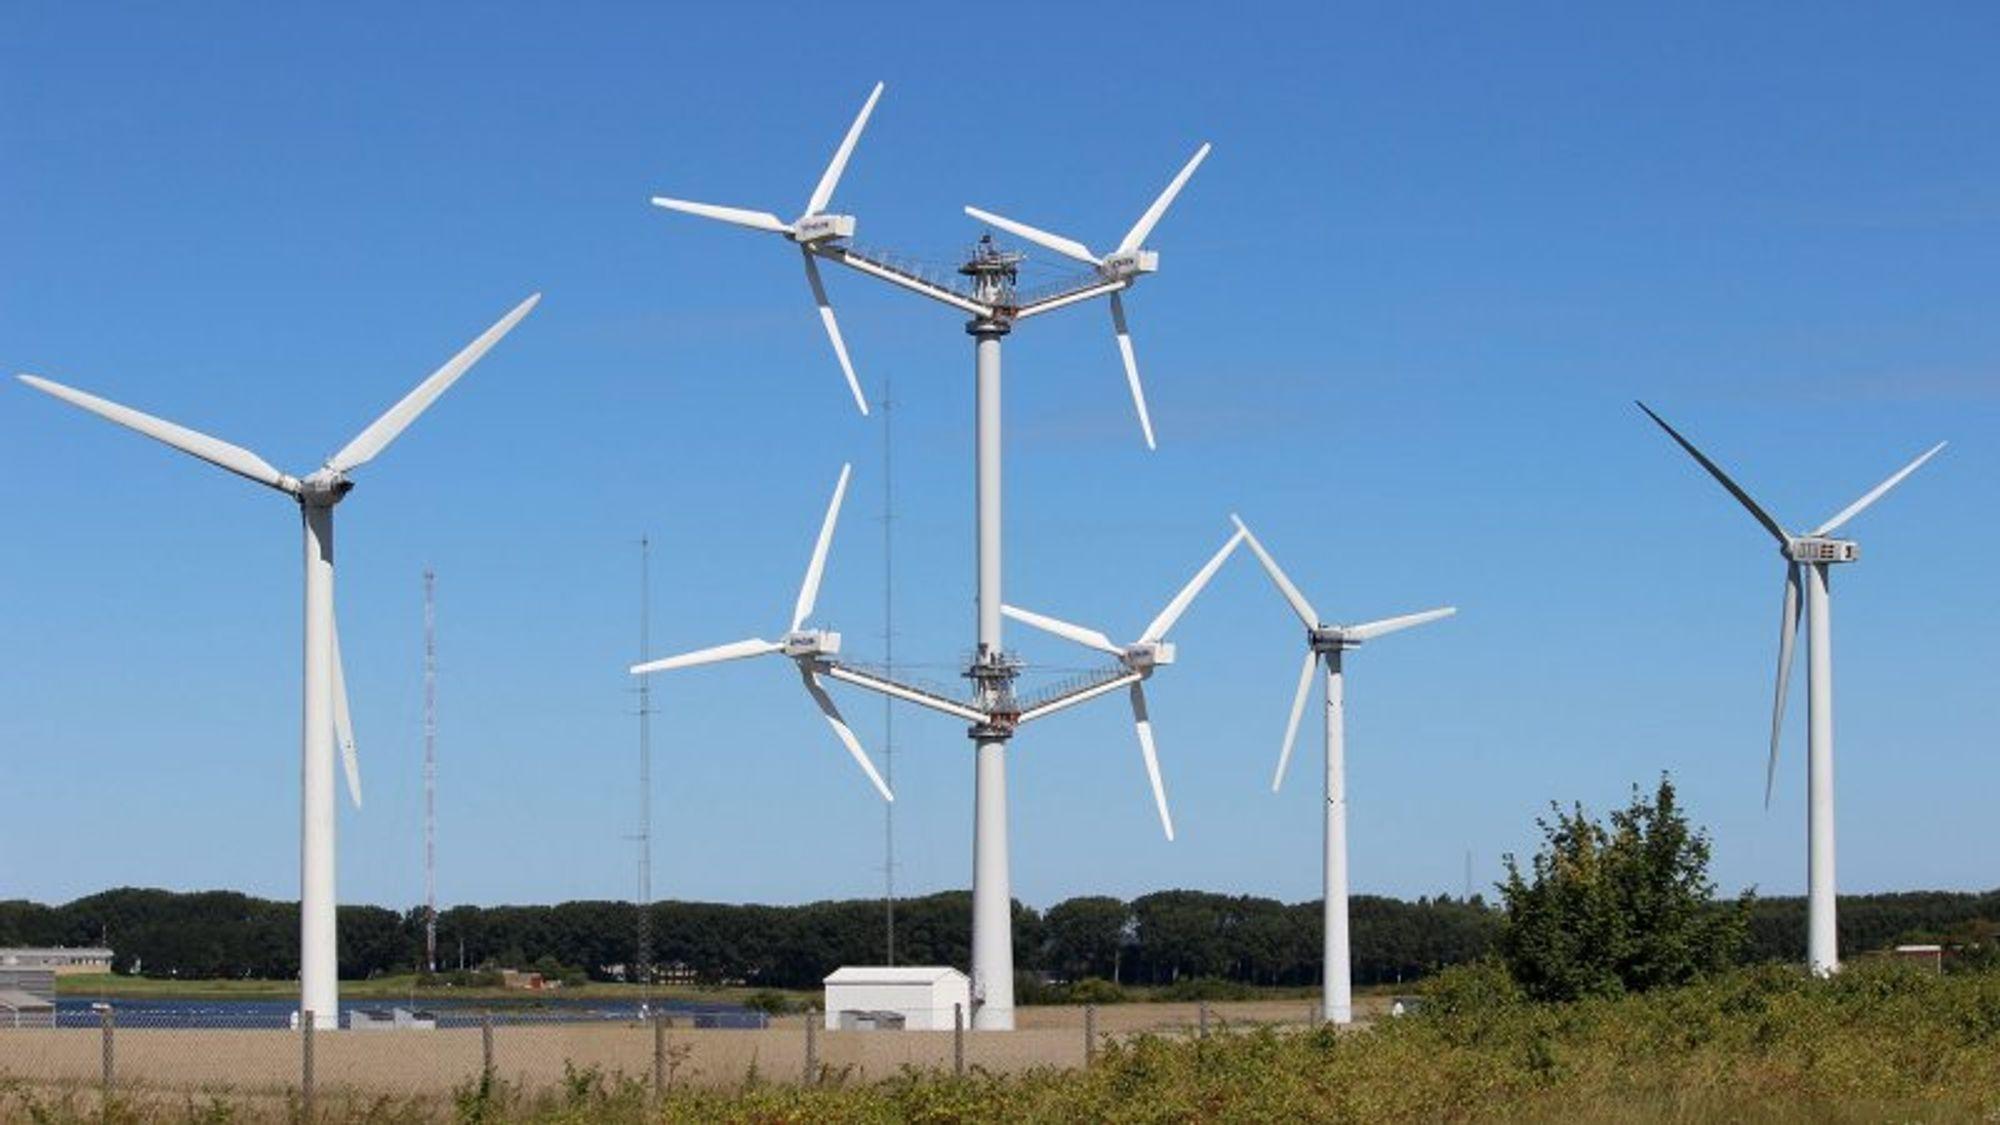 Multirotordesignet bruker fire V29-225 kW-turbiner for en samlet effekt på 900 kW. Flere små turbiner er et av Vestas svar på utfordringen med størrelsesbegrensningen av vinger til konvensjonelle vindmøller.